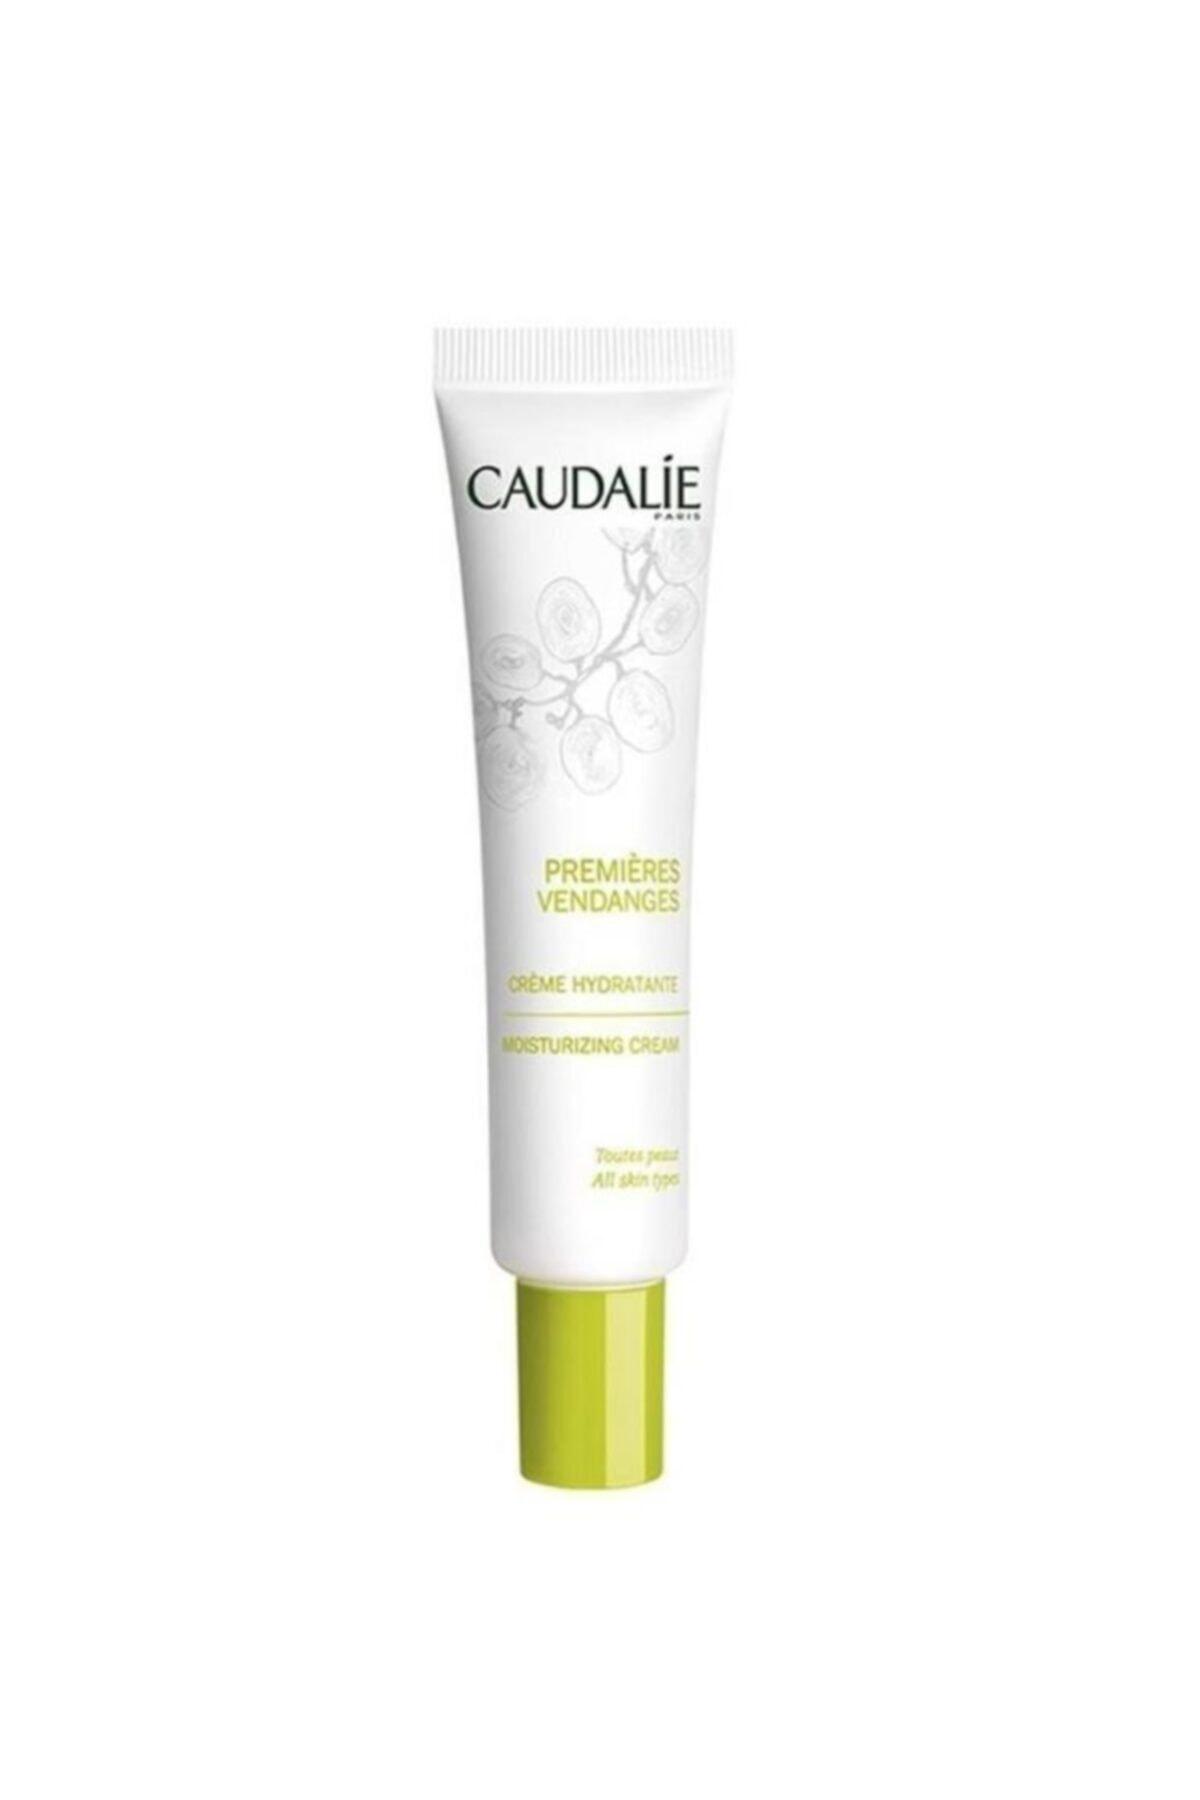 Caudalie Premieres Vendanges 40 ml 1